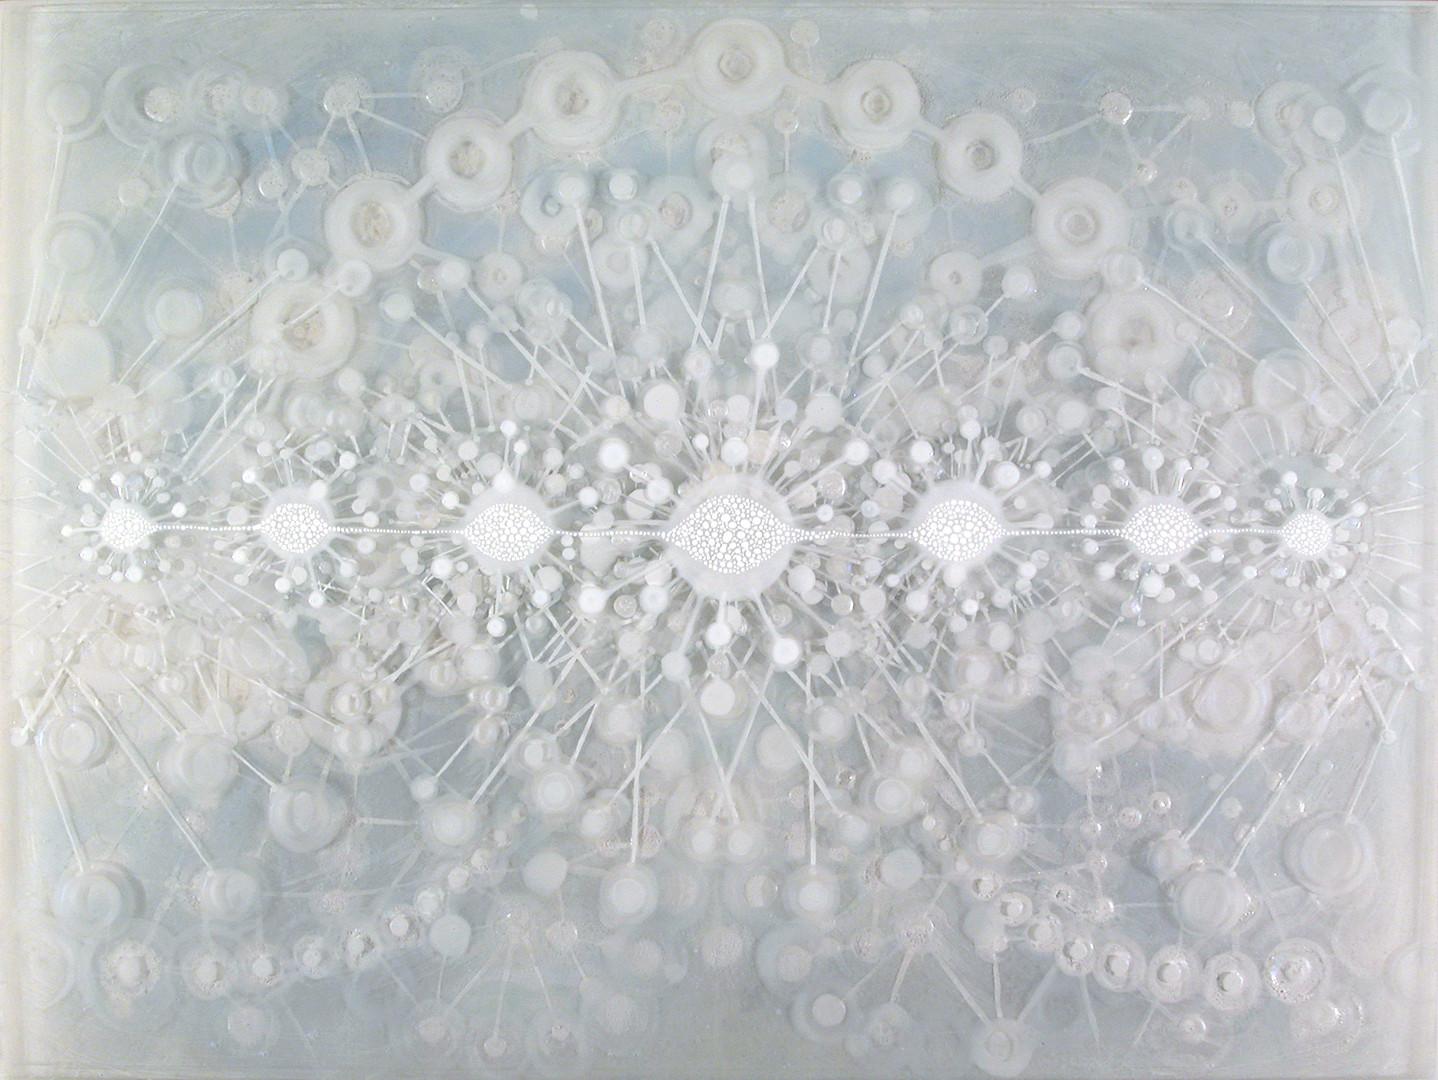 Astrogeny 2, 2005